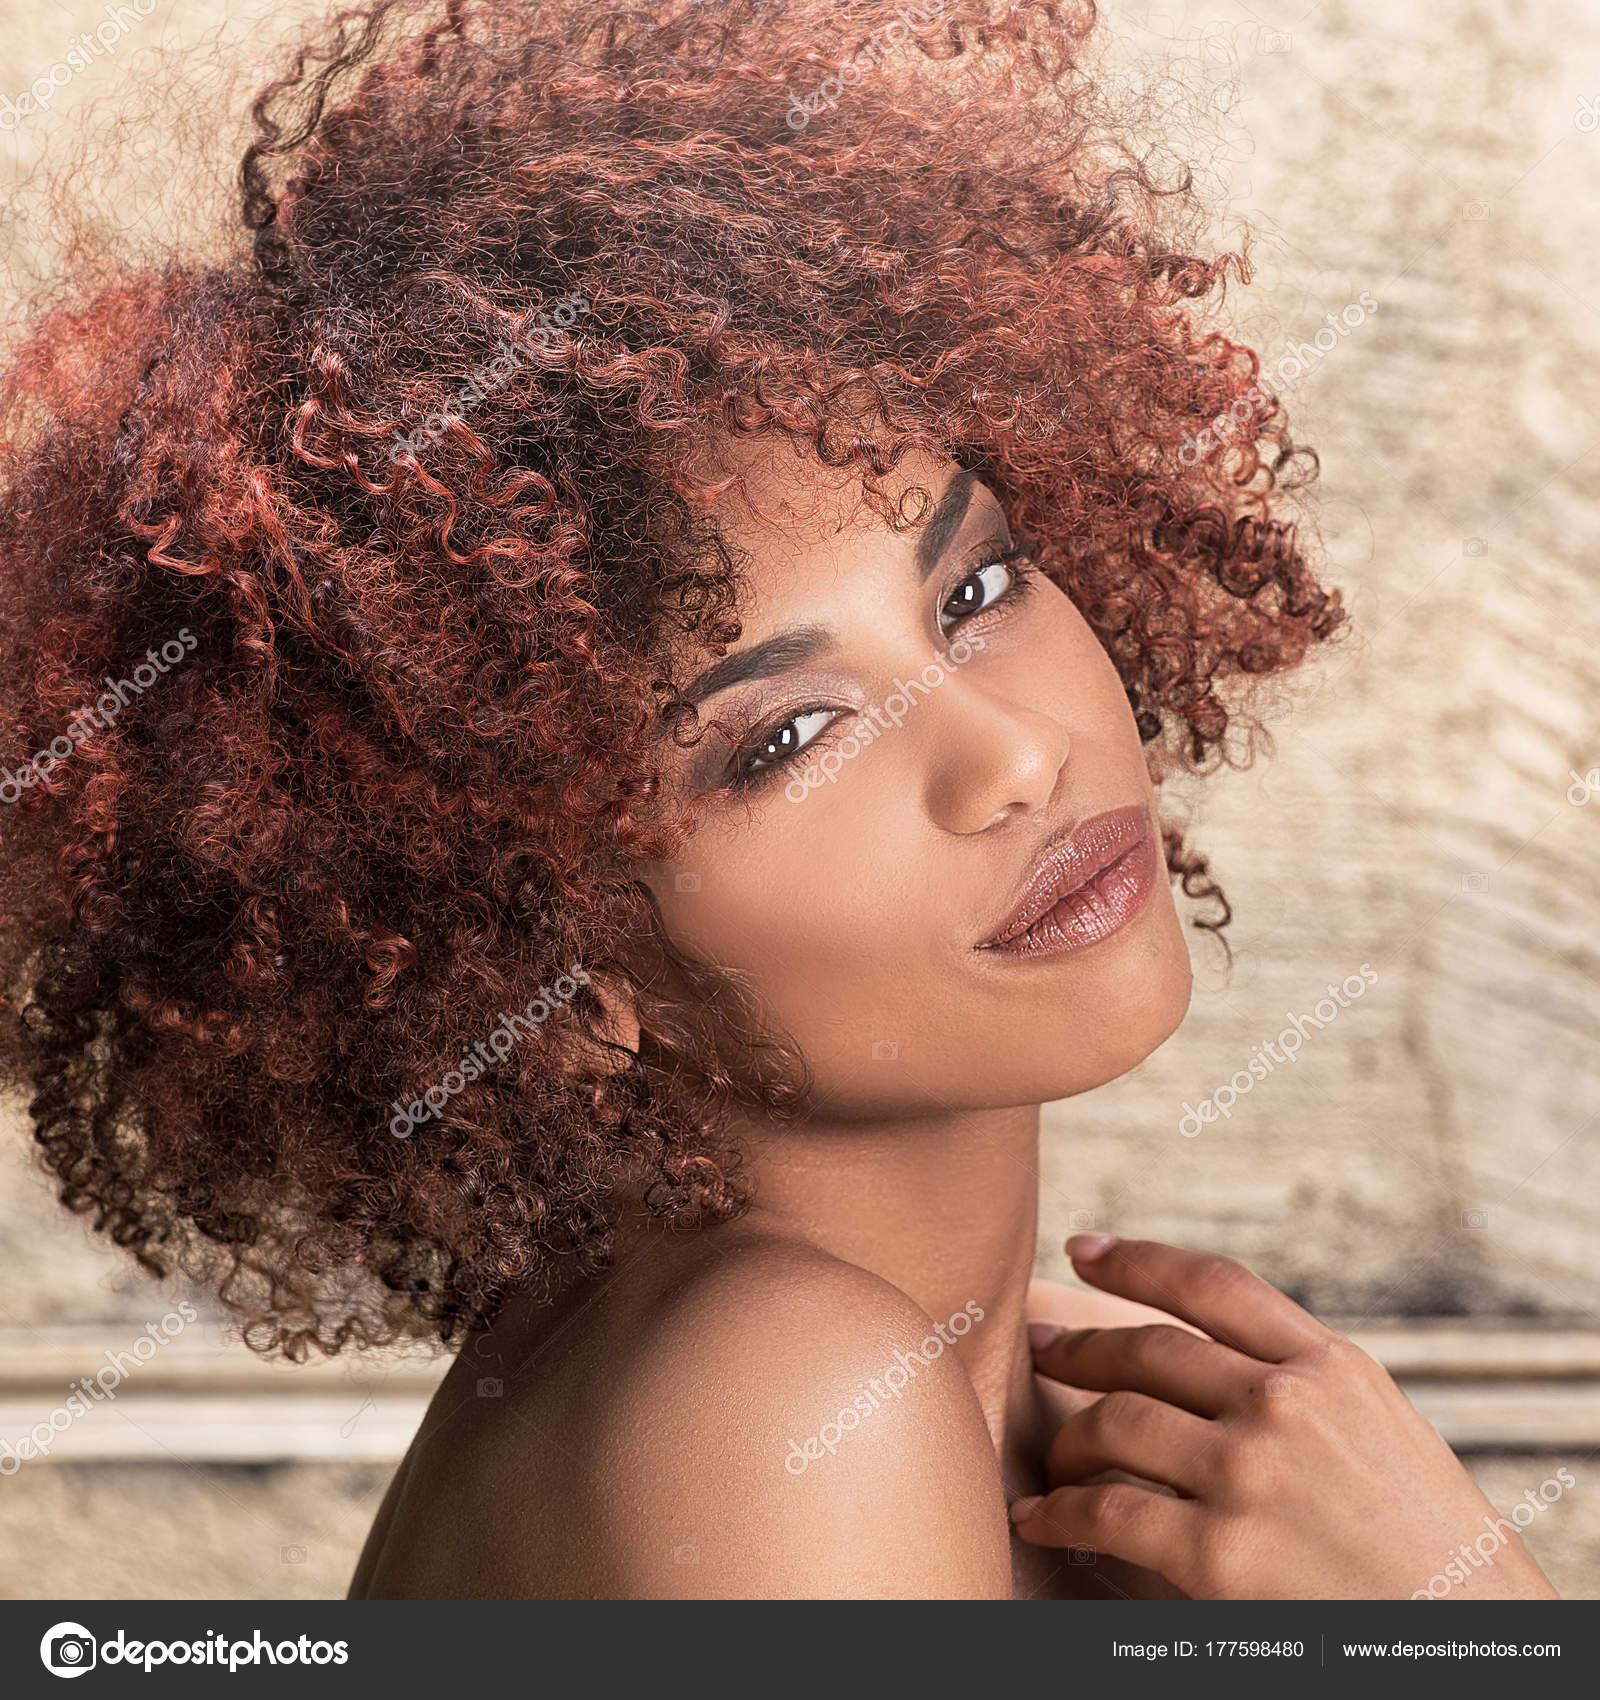 Fille Avec Coiffure Afro Posant Photographie Neonshot C 177598480